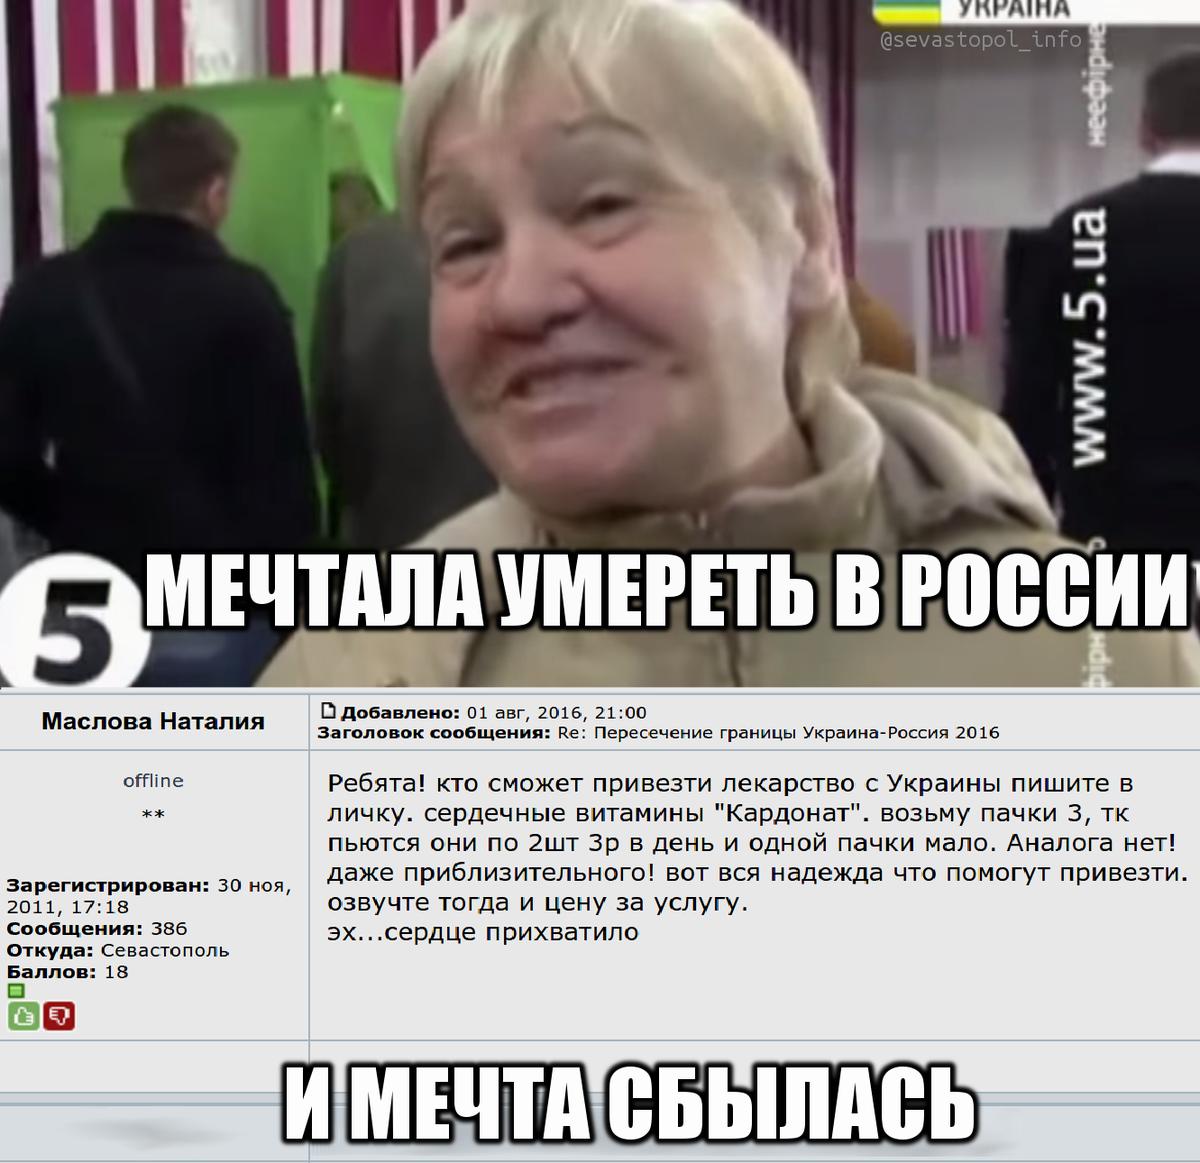 Транспортным средствам с российскими номерами, выданными в оккупированном Крыму, запрещено пересекать админграницу с Украиной - Цензор.НЕТ 231